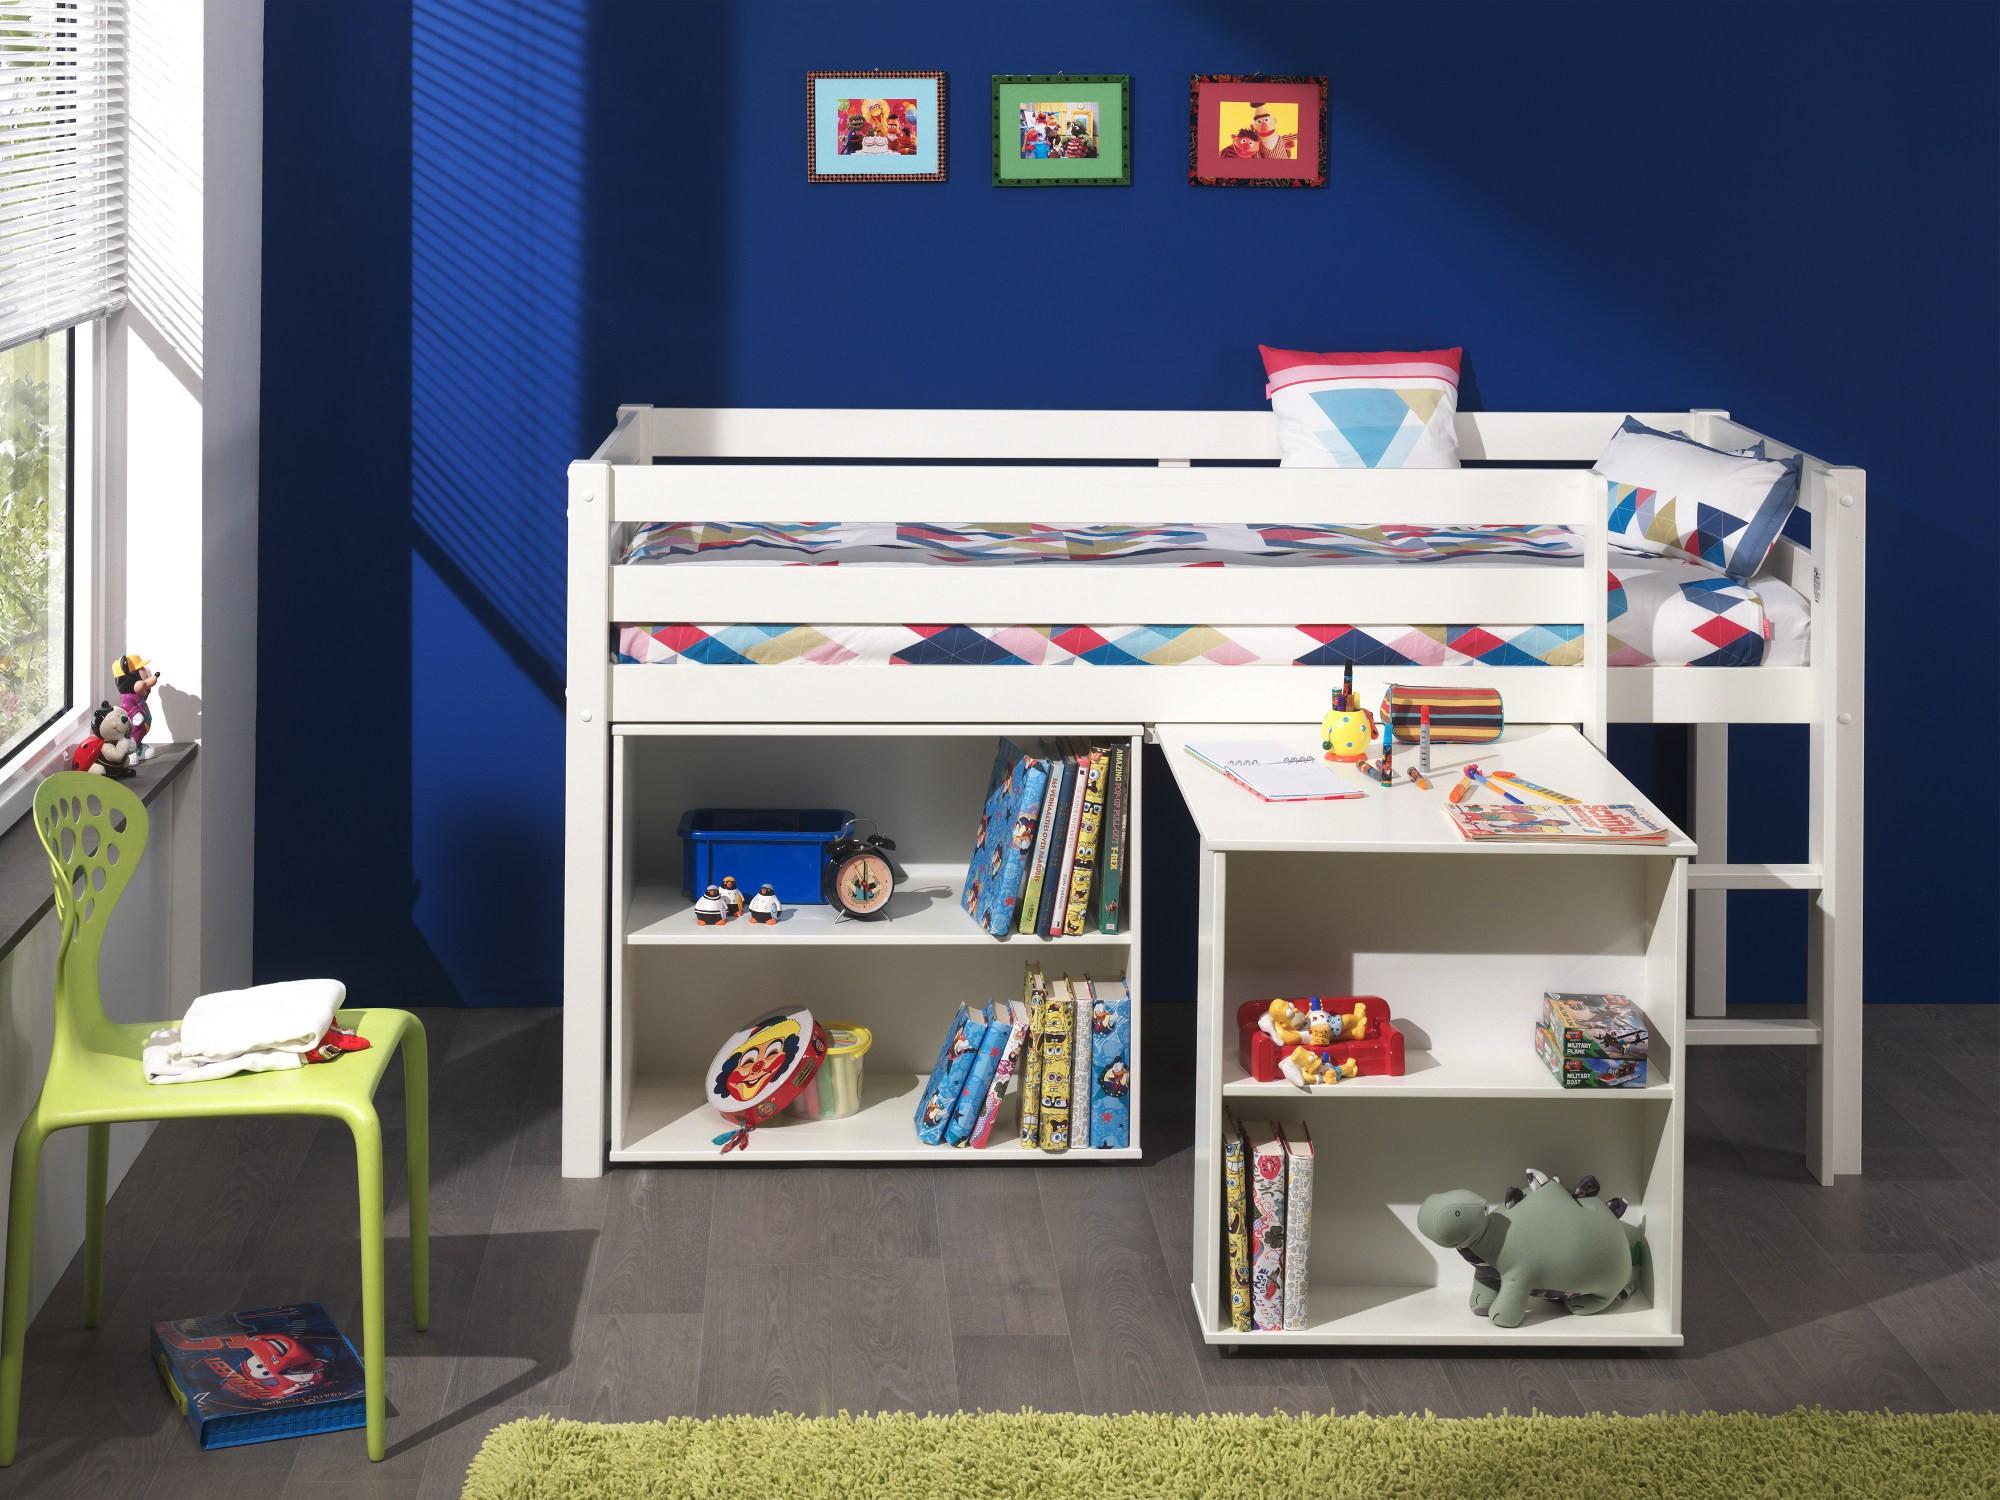 Full Size of Funktionsbett Pino Hochbett Mit Schreibtisch Regal Leiter Kinderzimmer Weiß Sofa Regale Kinderzimmer Hochbett Kinderzimmer